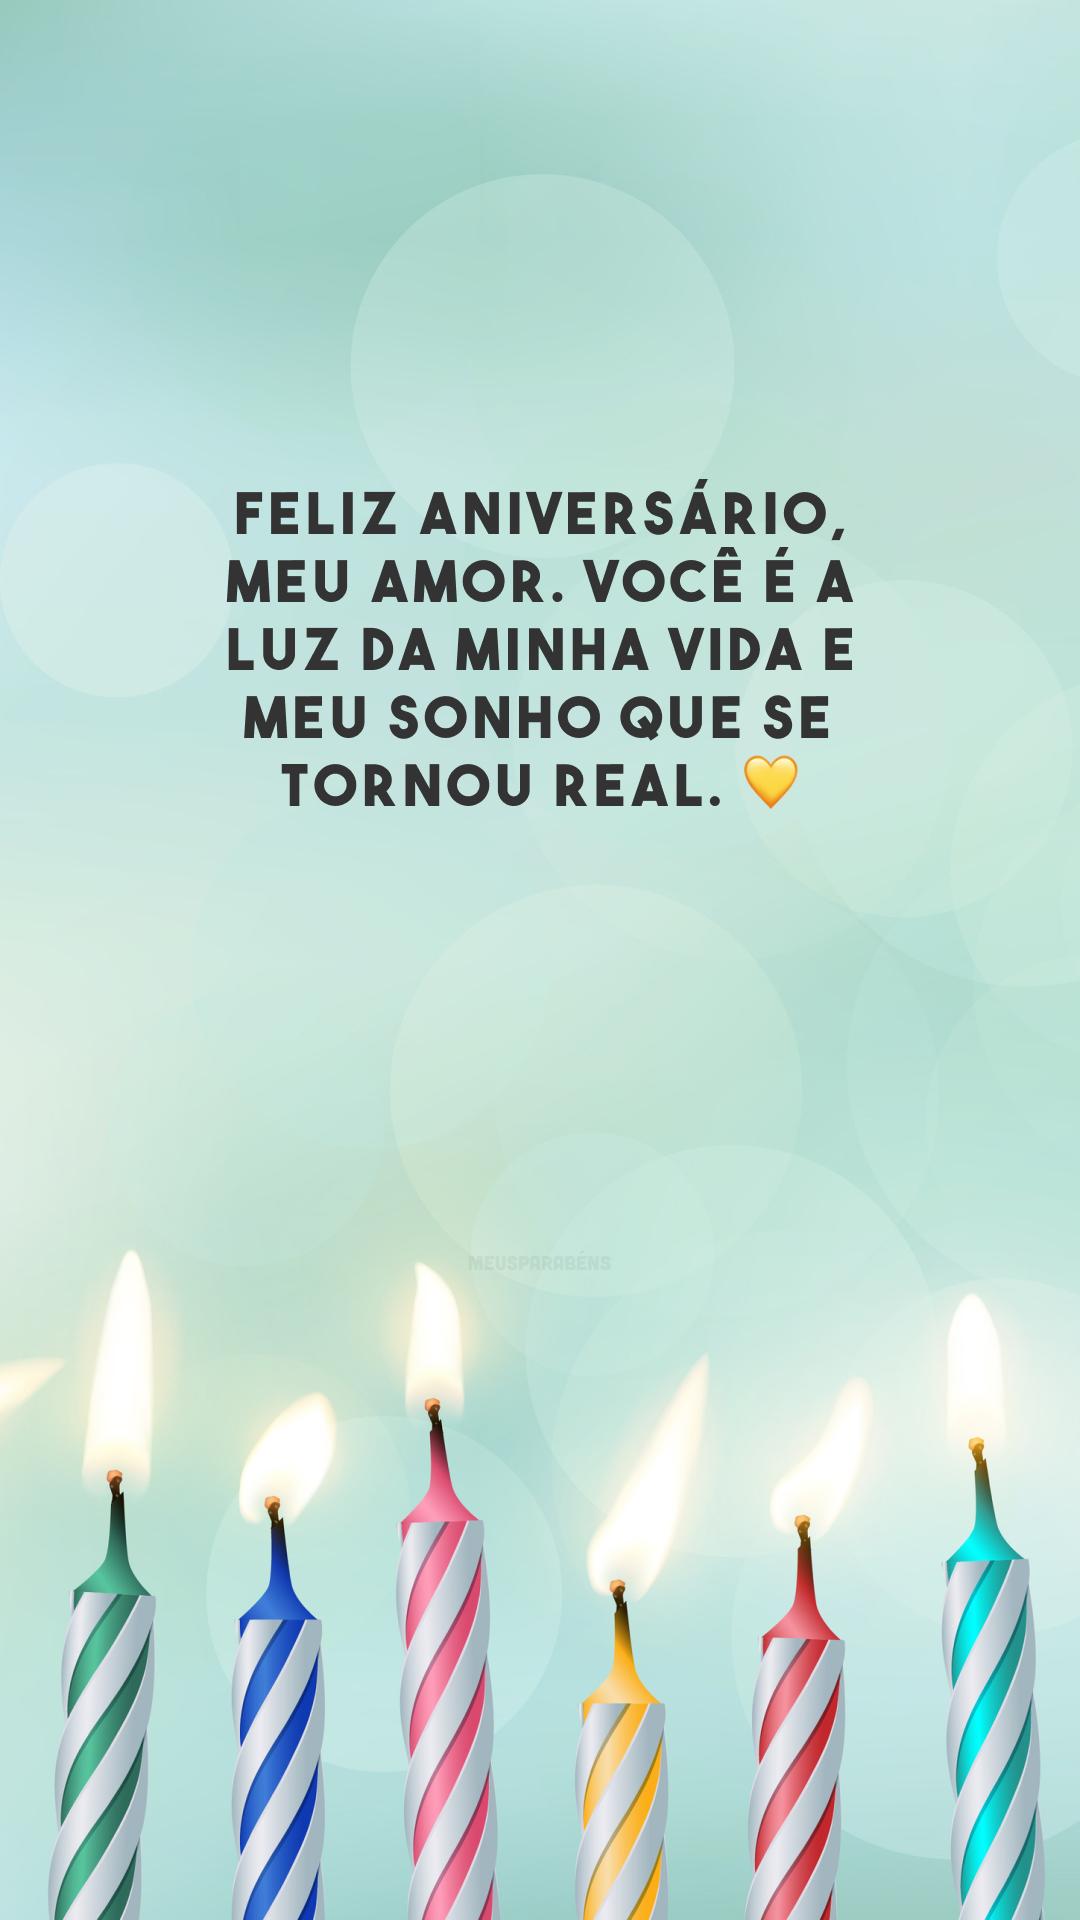 Feliz aniversário, meu amor. Você é a luz da minha vida e meu sonho que se tornou real. 💛